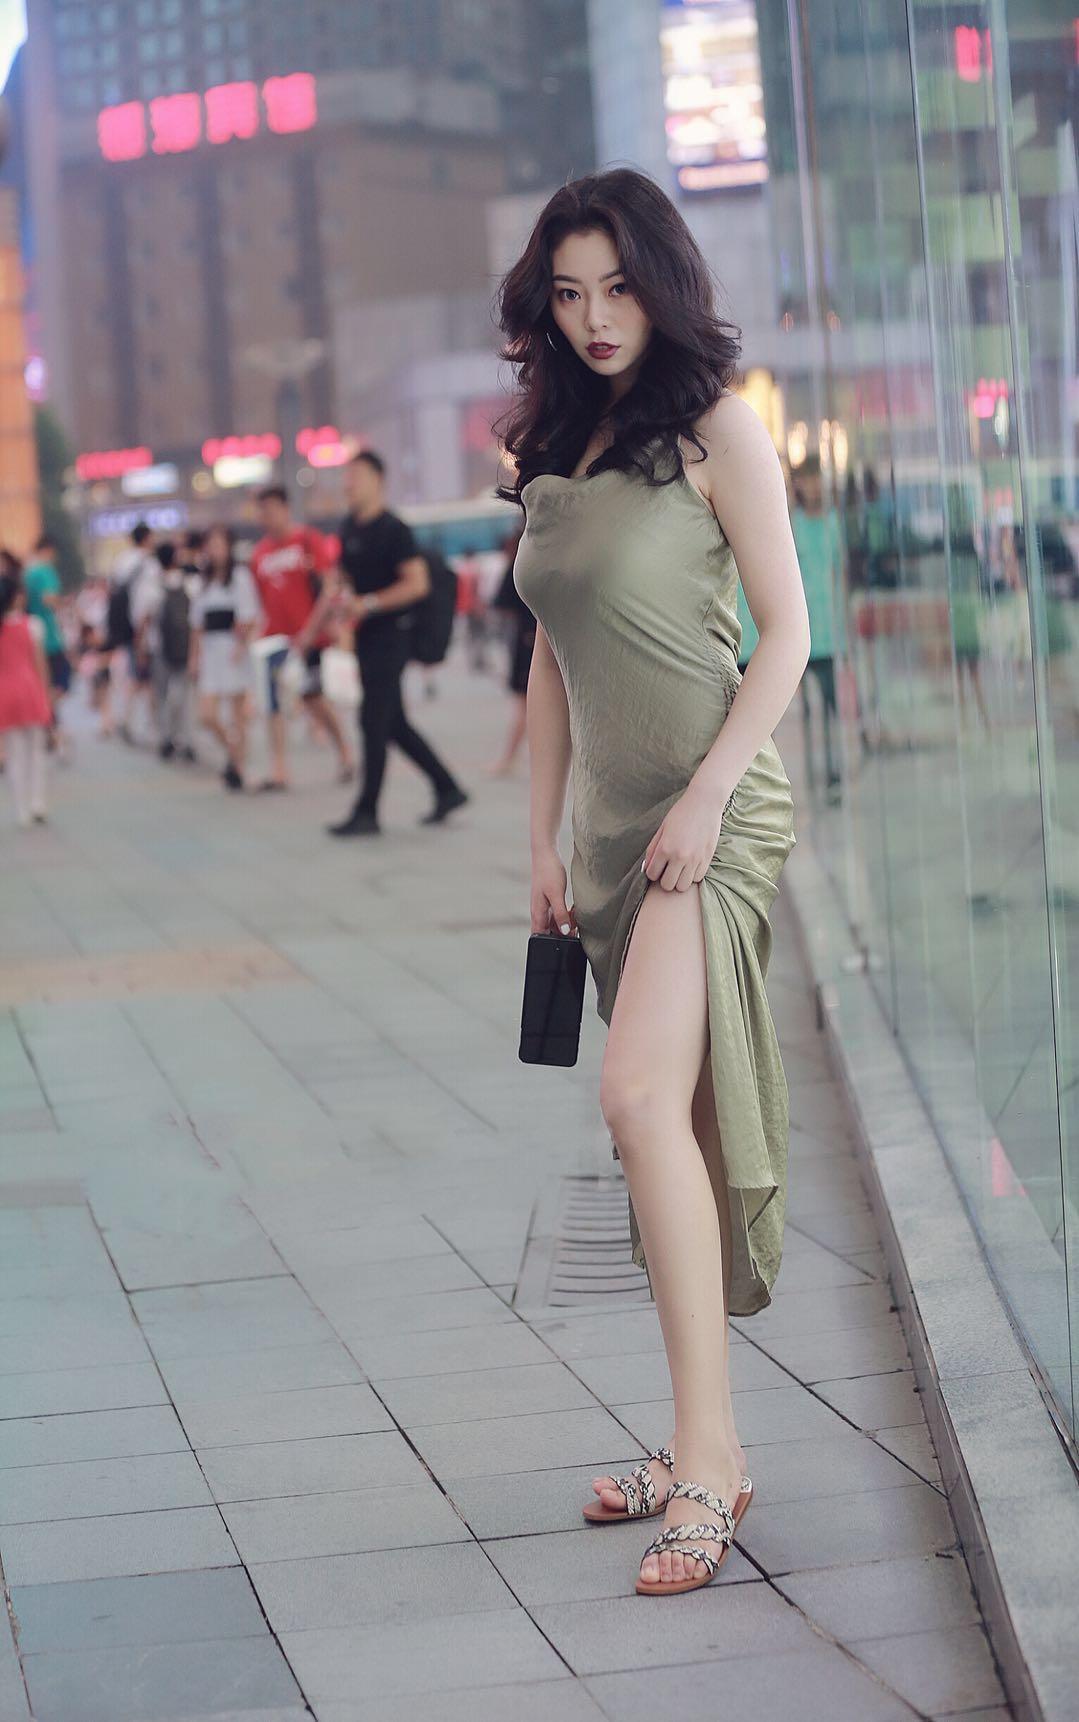 Không thảm đỏ xa hoa, nhiều cô gái diện váy xẻ đùi xuống phố vẫn ngây ngất lòng người - 5